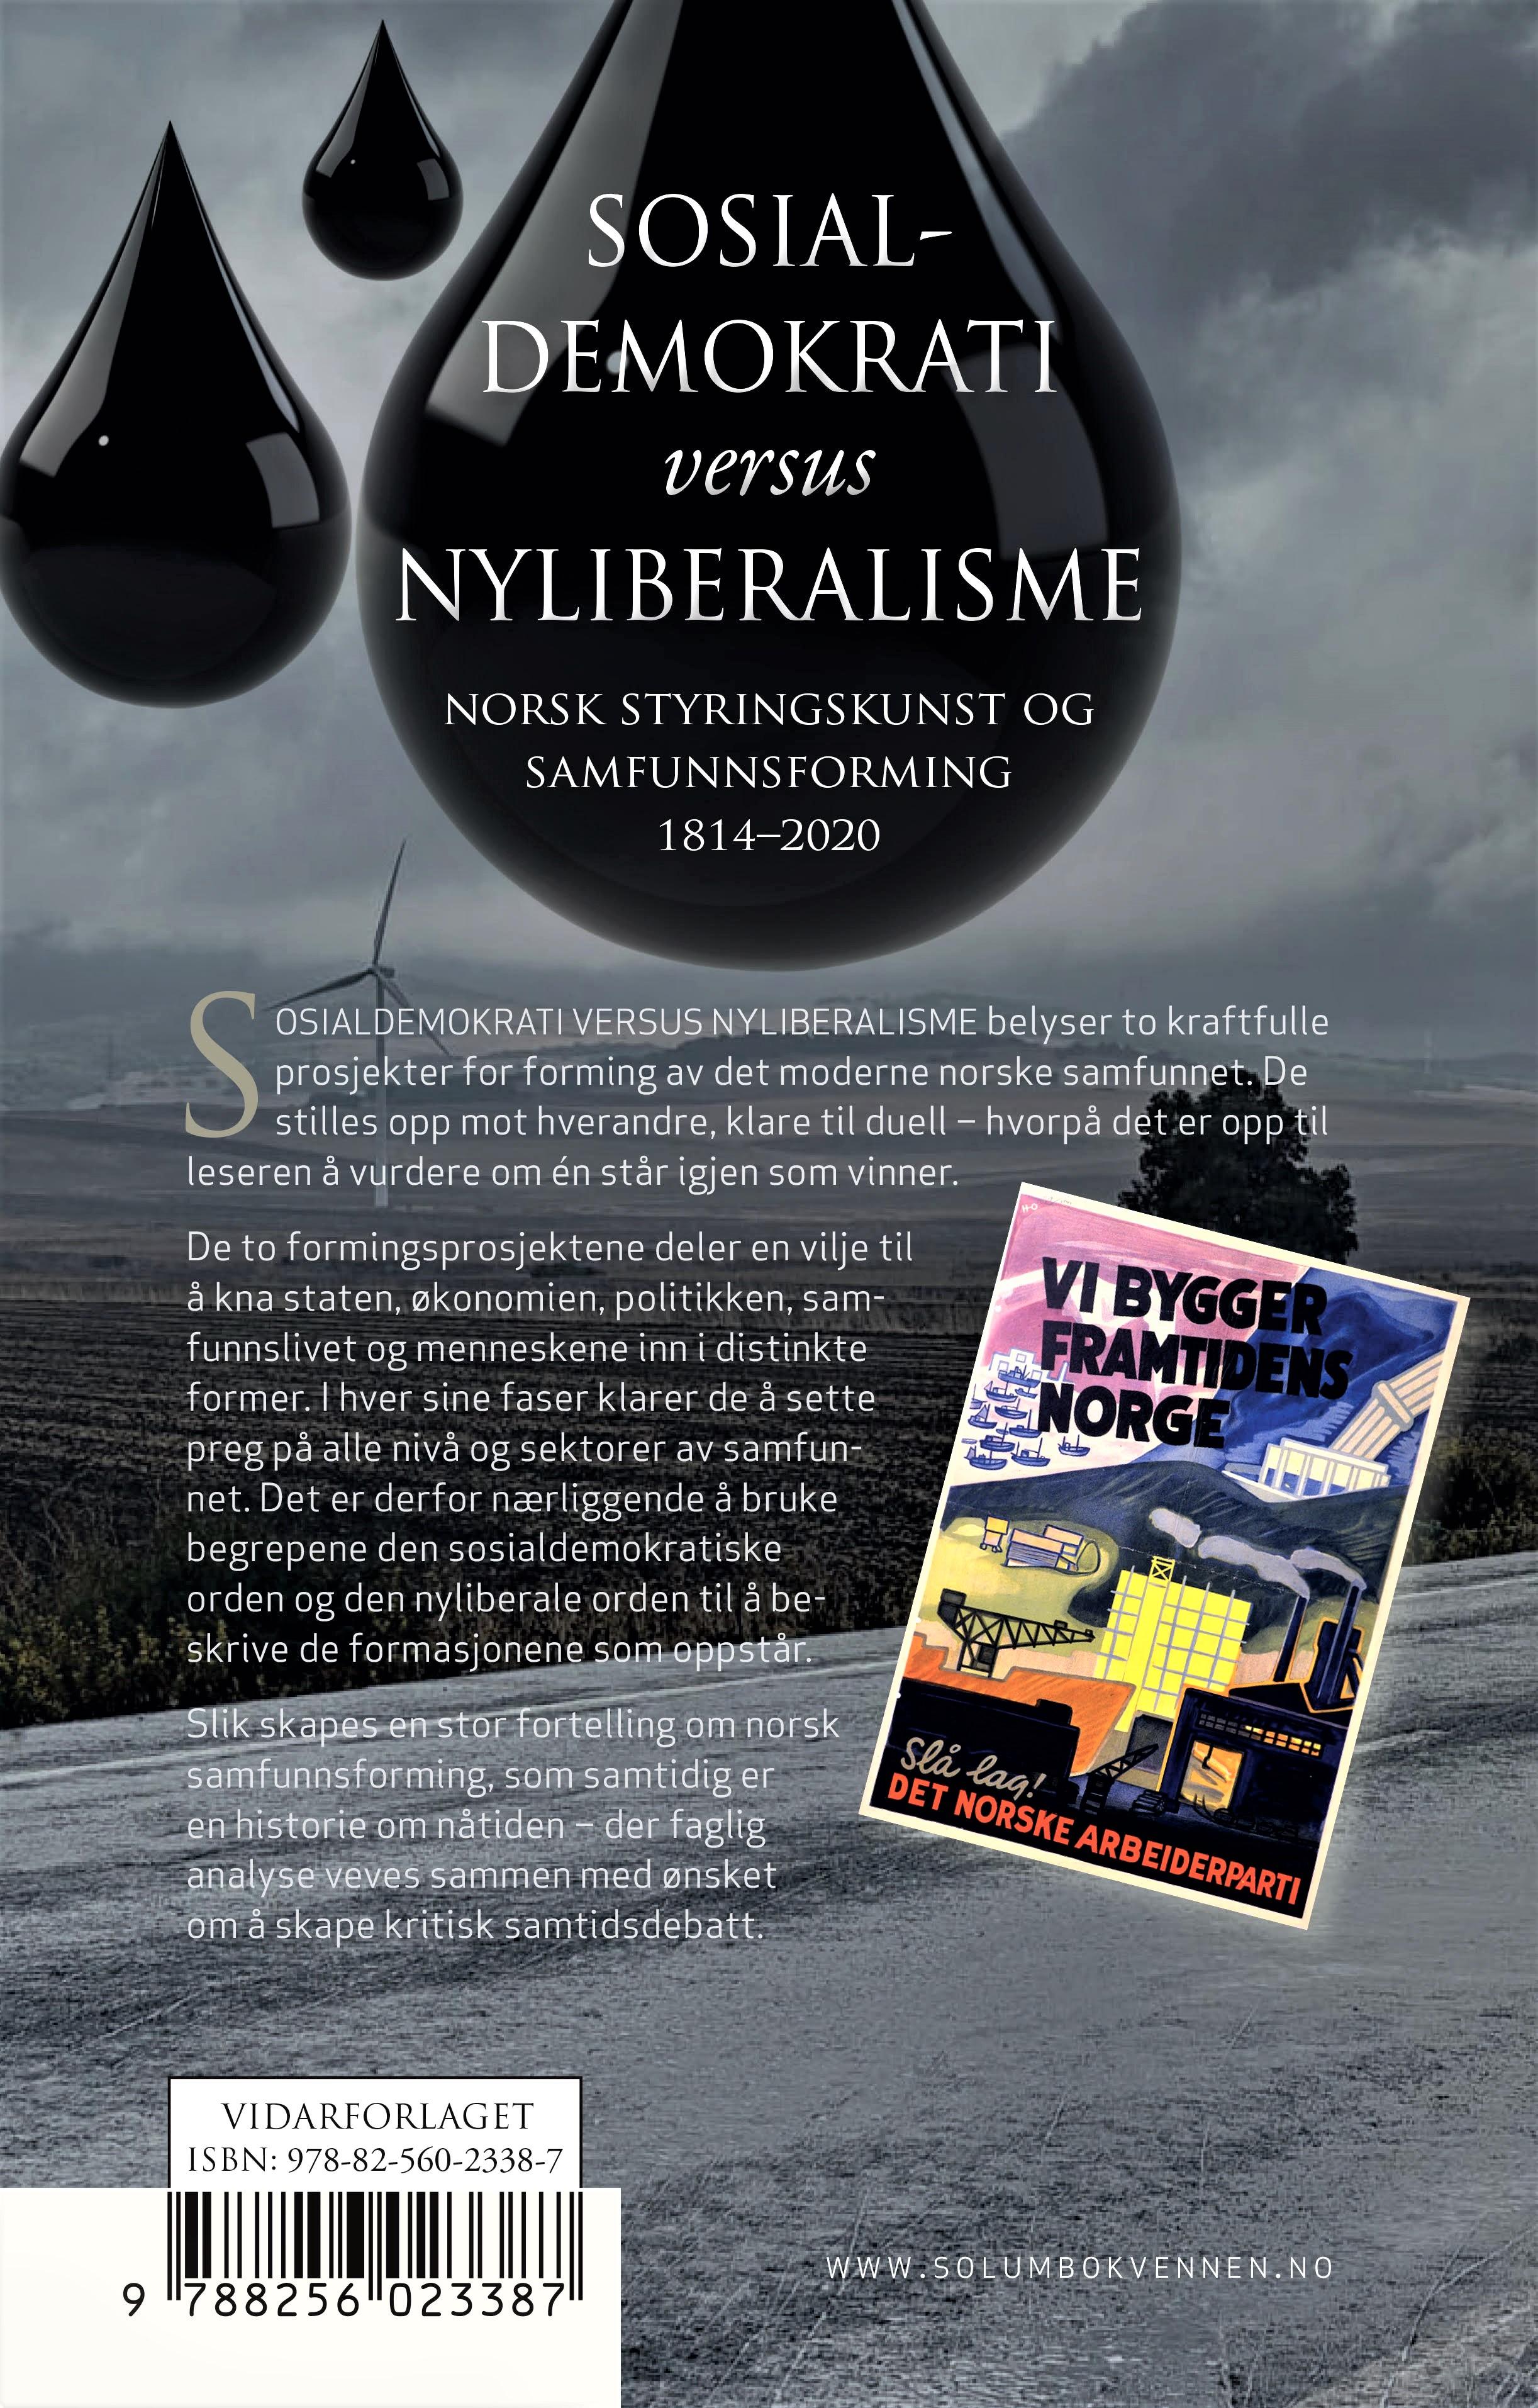 Sos vs nylib2